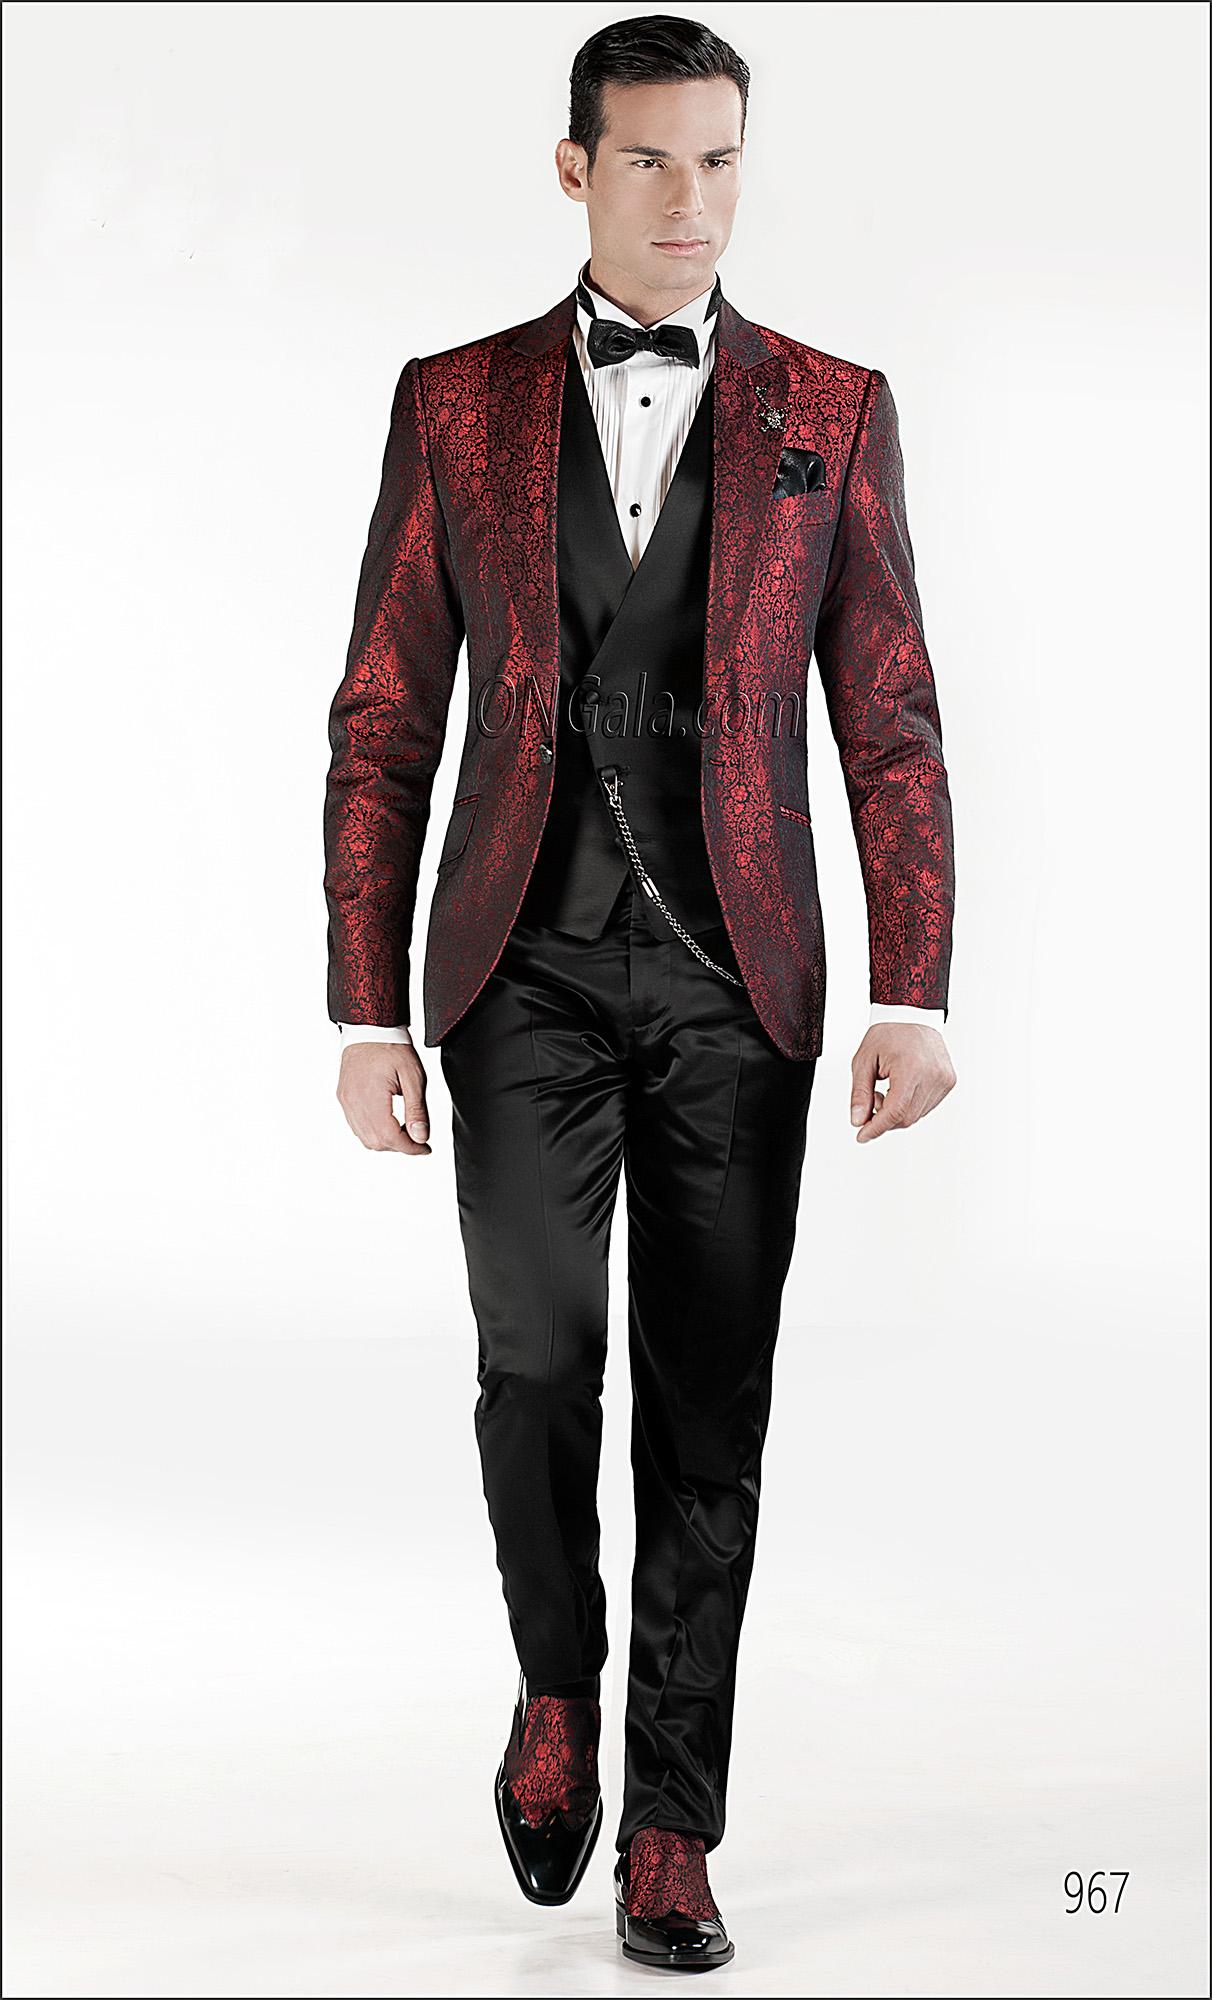 Abito Matrimonio Uomo Rosso : Da giacca abito con sposo nero jacquard uomo rosso dafwsf